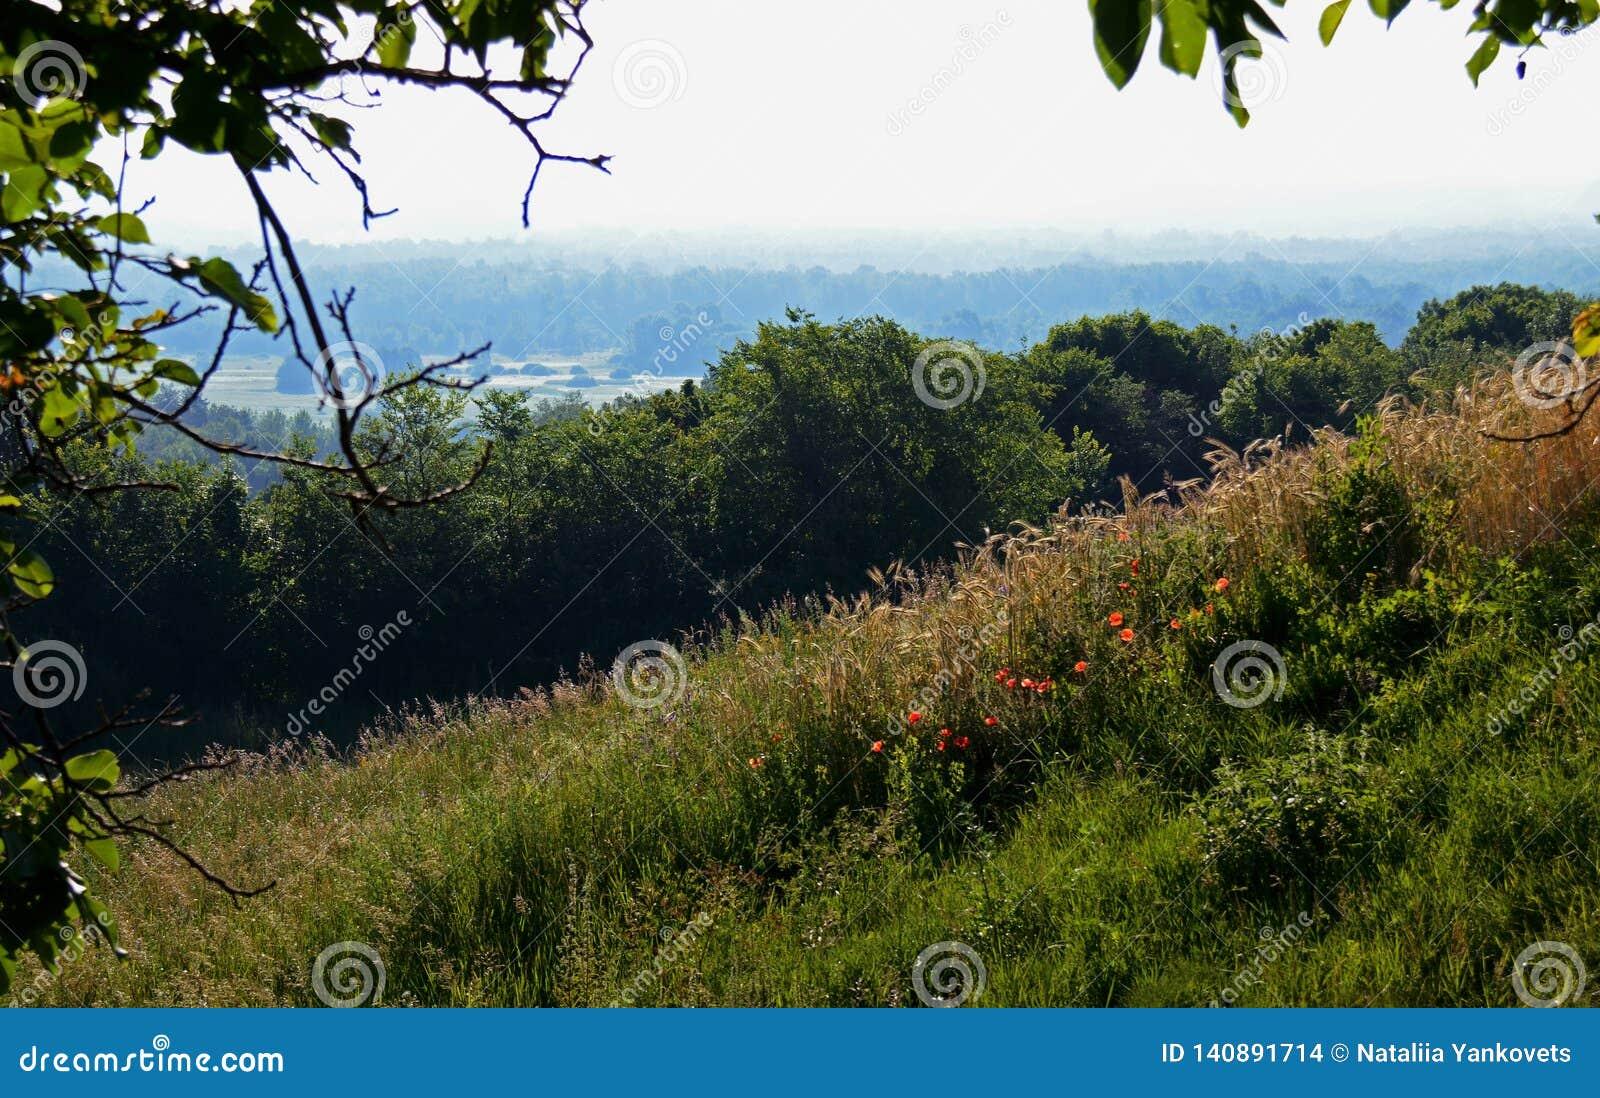 Sommerlandschaft mit Staubstraßen unter hohen grünen Hügeln